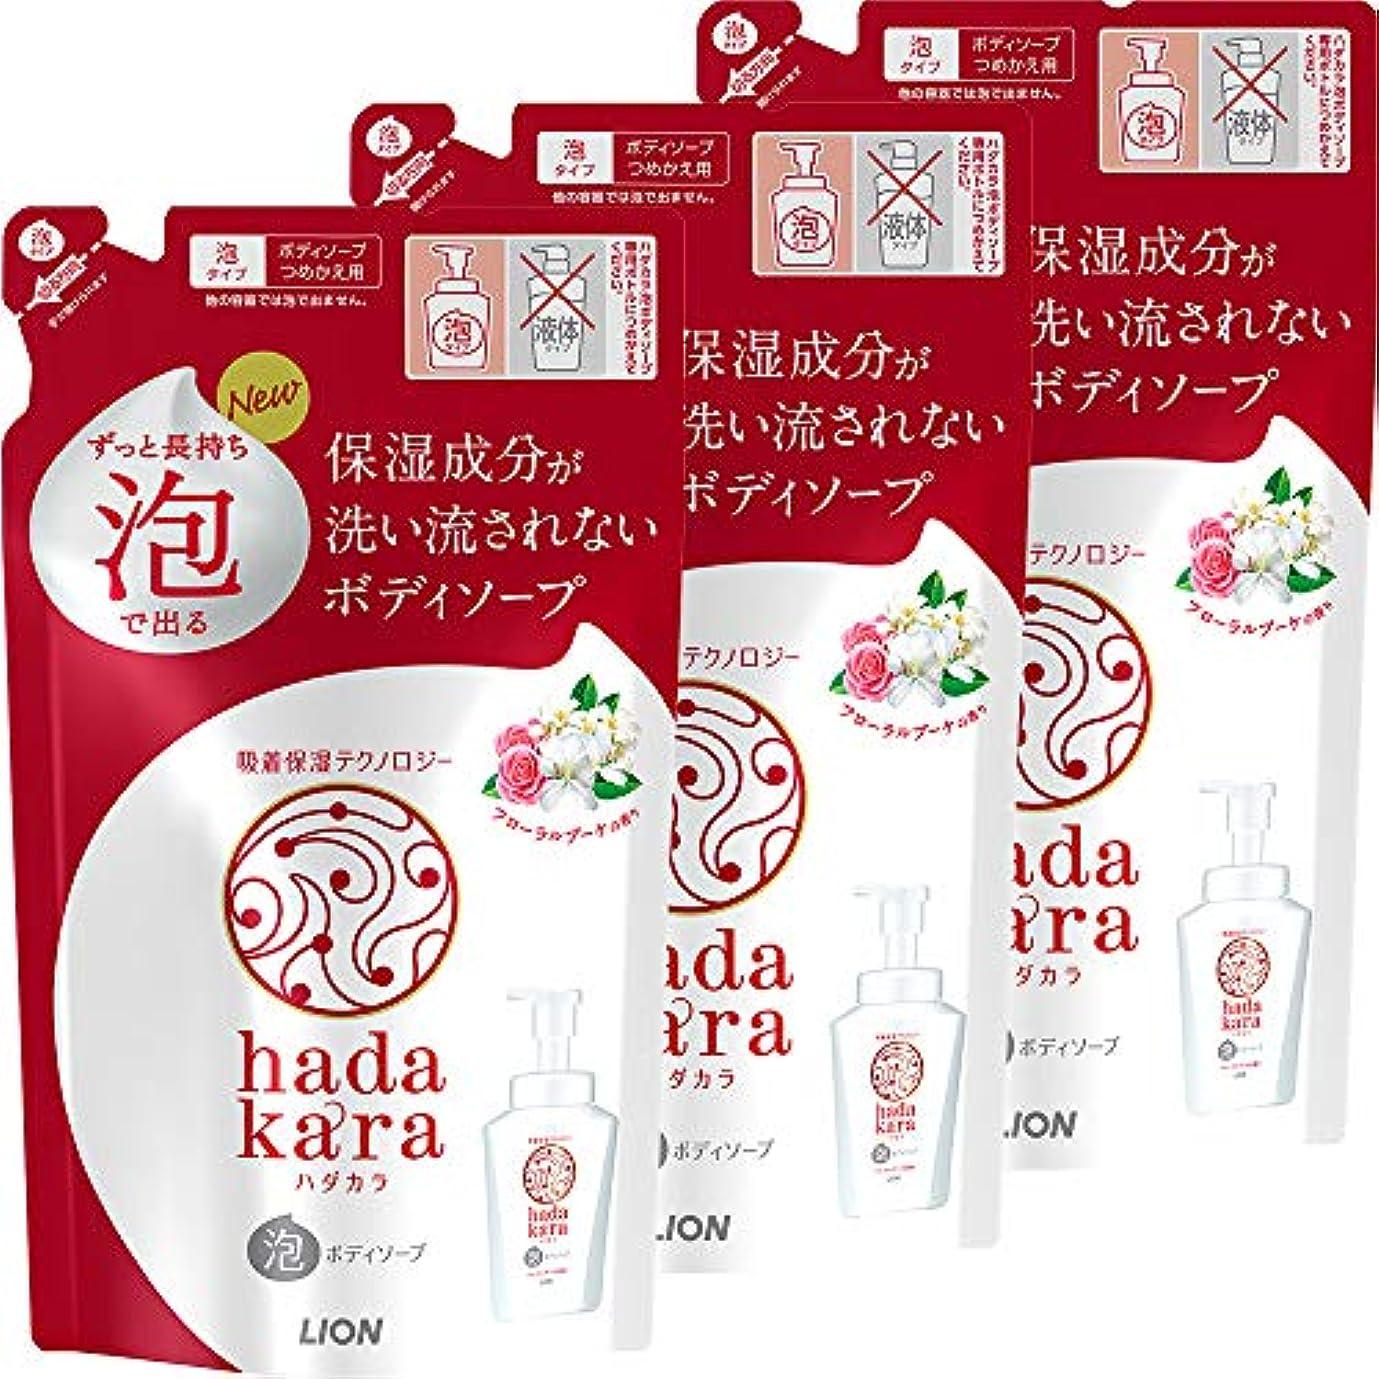 誇張なんでも慣れているhadakara(ハダカラ) ボディソープ 泡タイプ フローラルブーケの香り 詰替440ml×3個